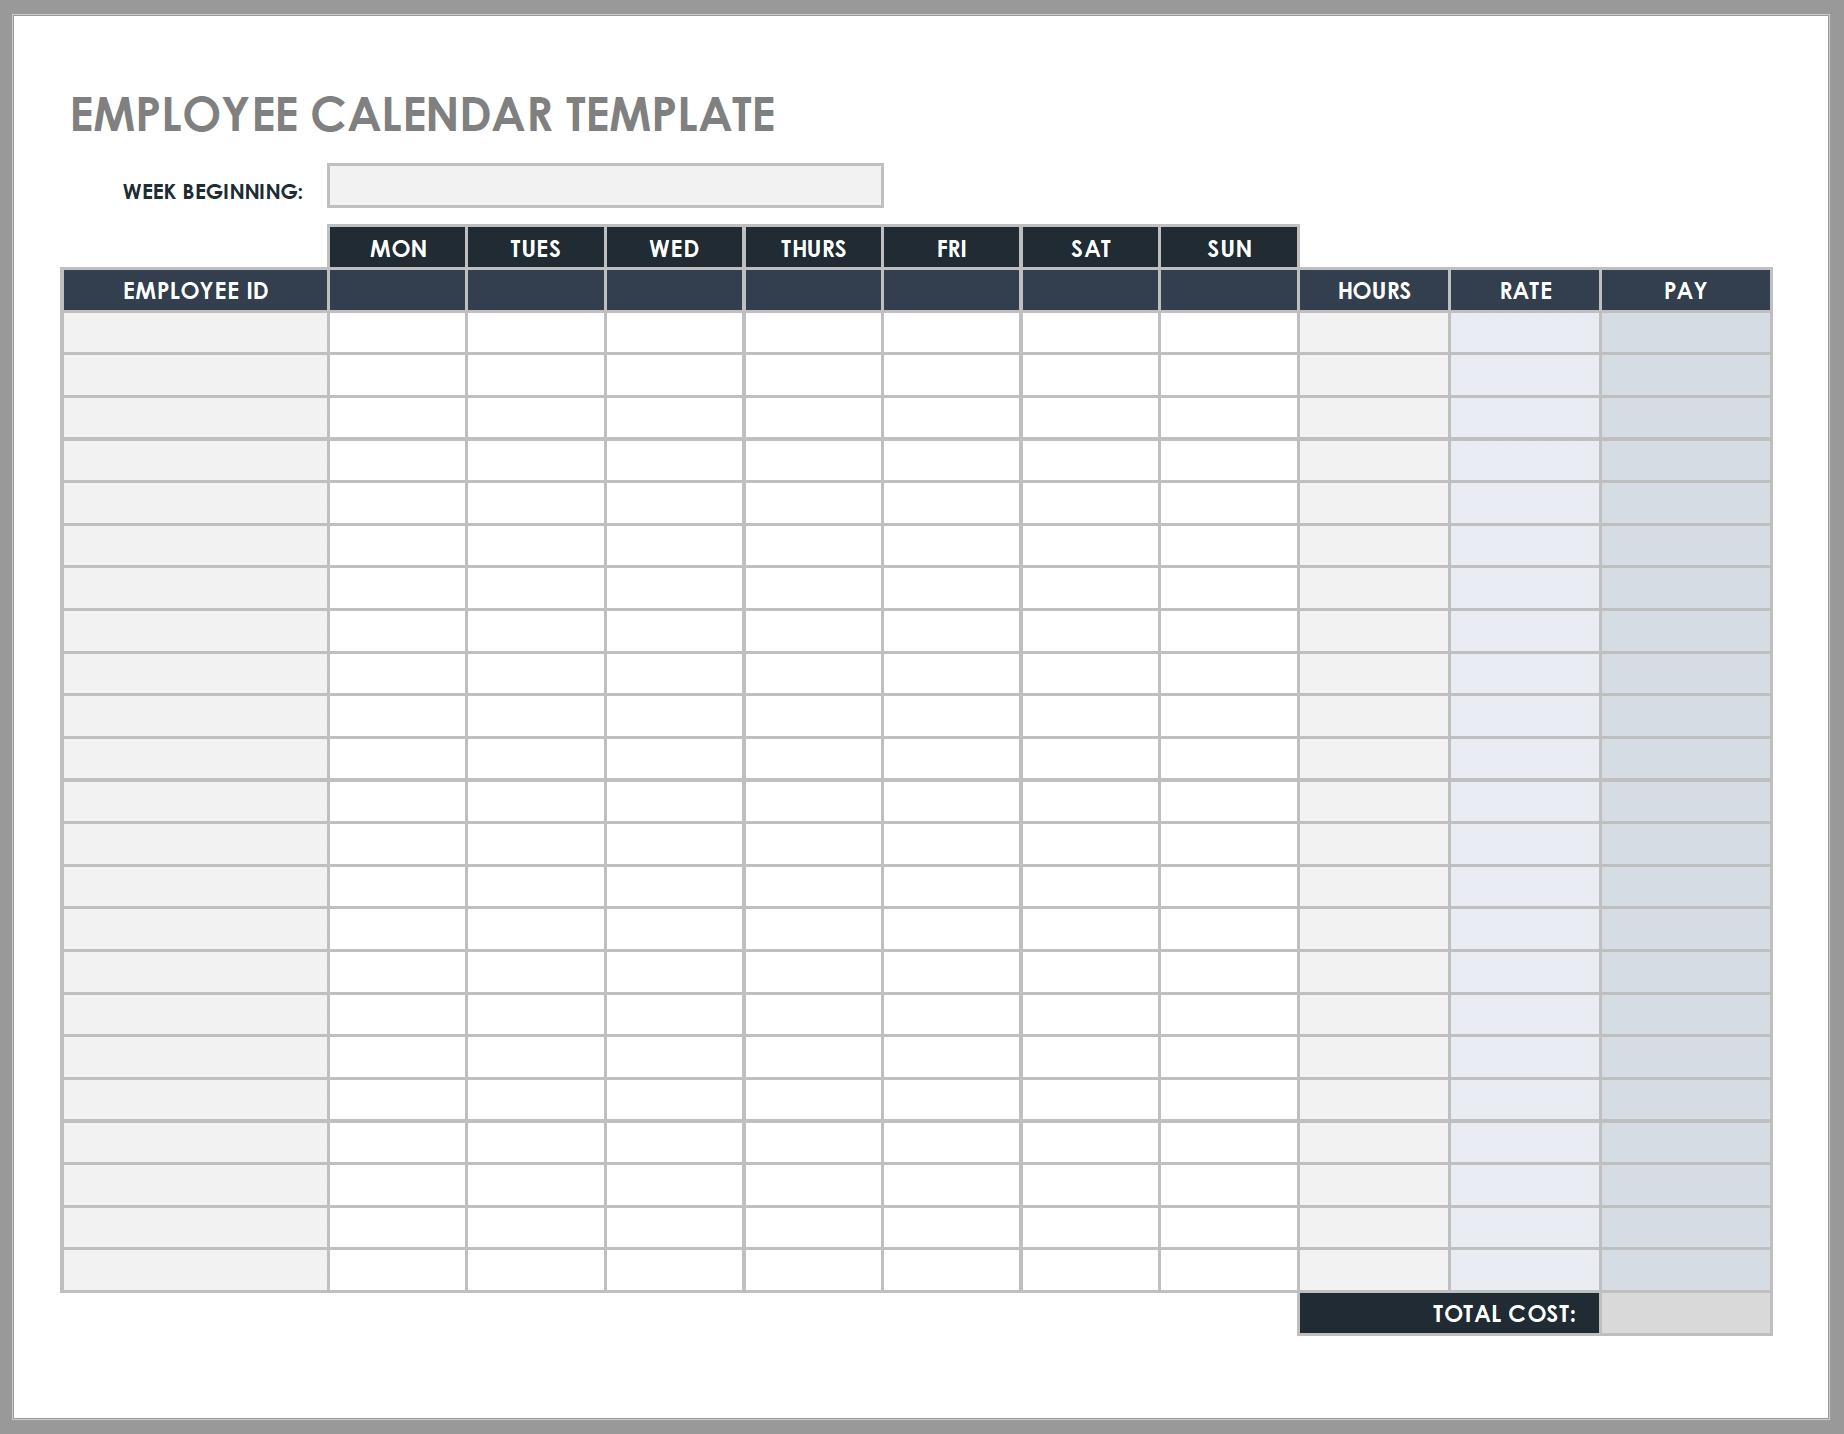 Free Daily Work Schedule Templates | Smartsheet